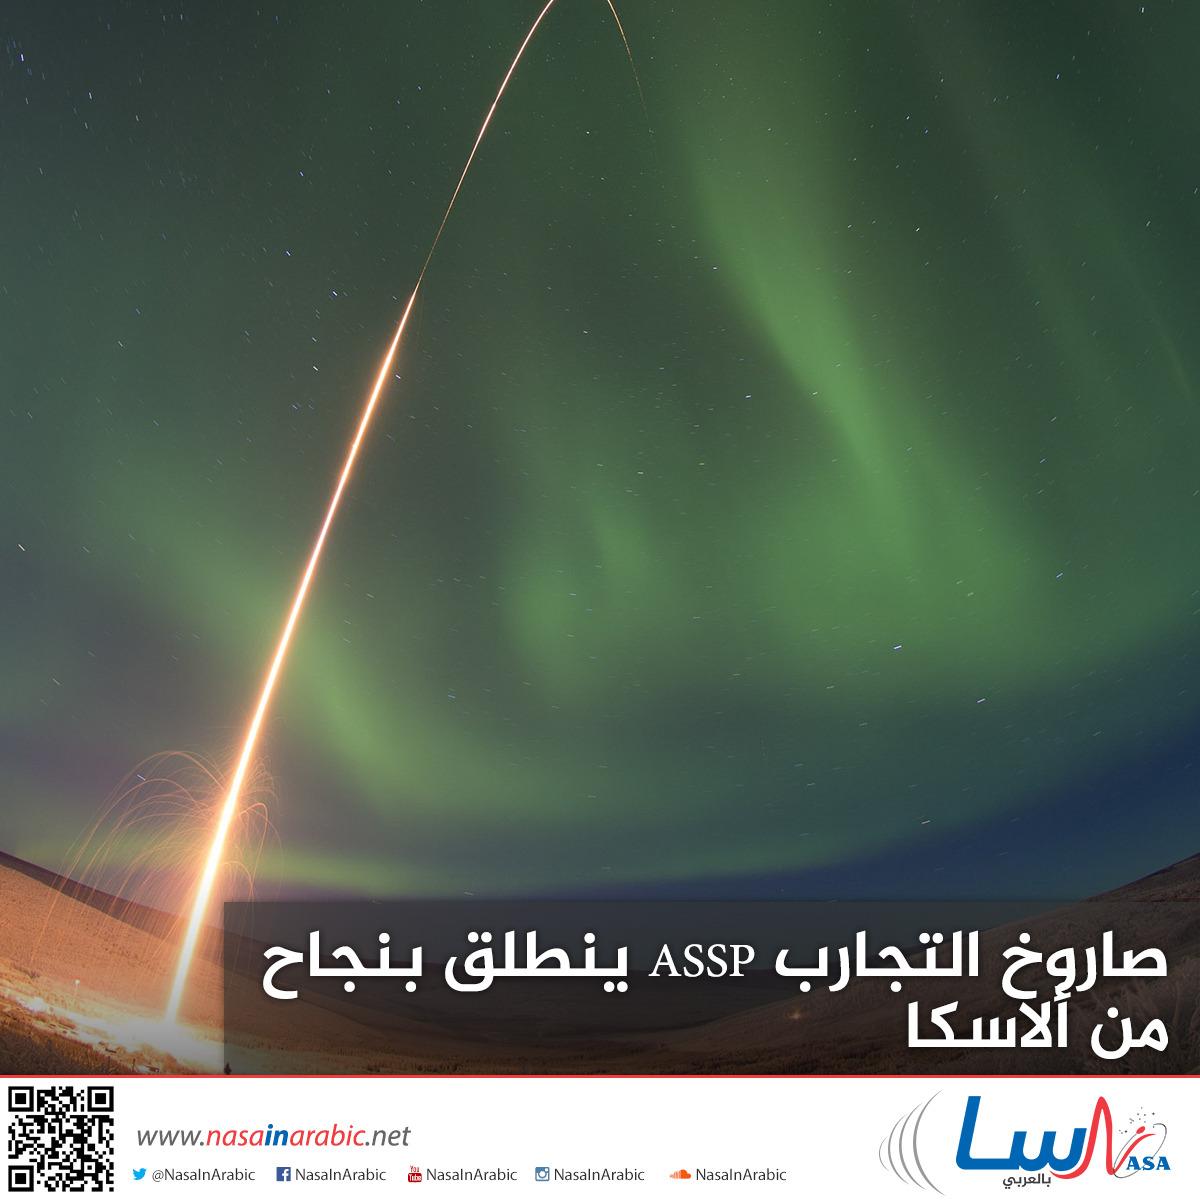 صاروخ التجارب ASSP ينطلق بنجاح من ألاسكا